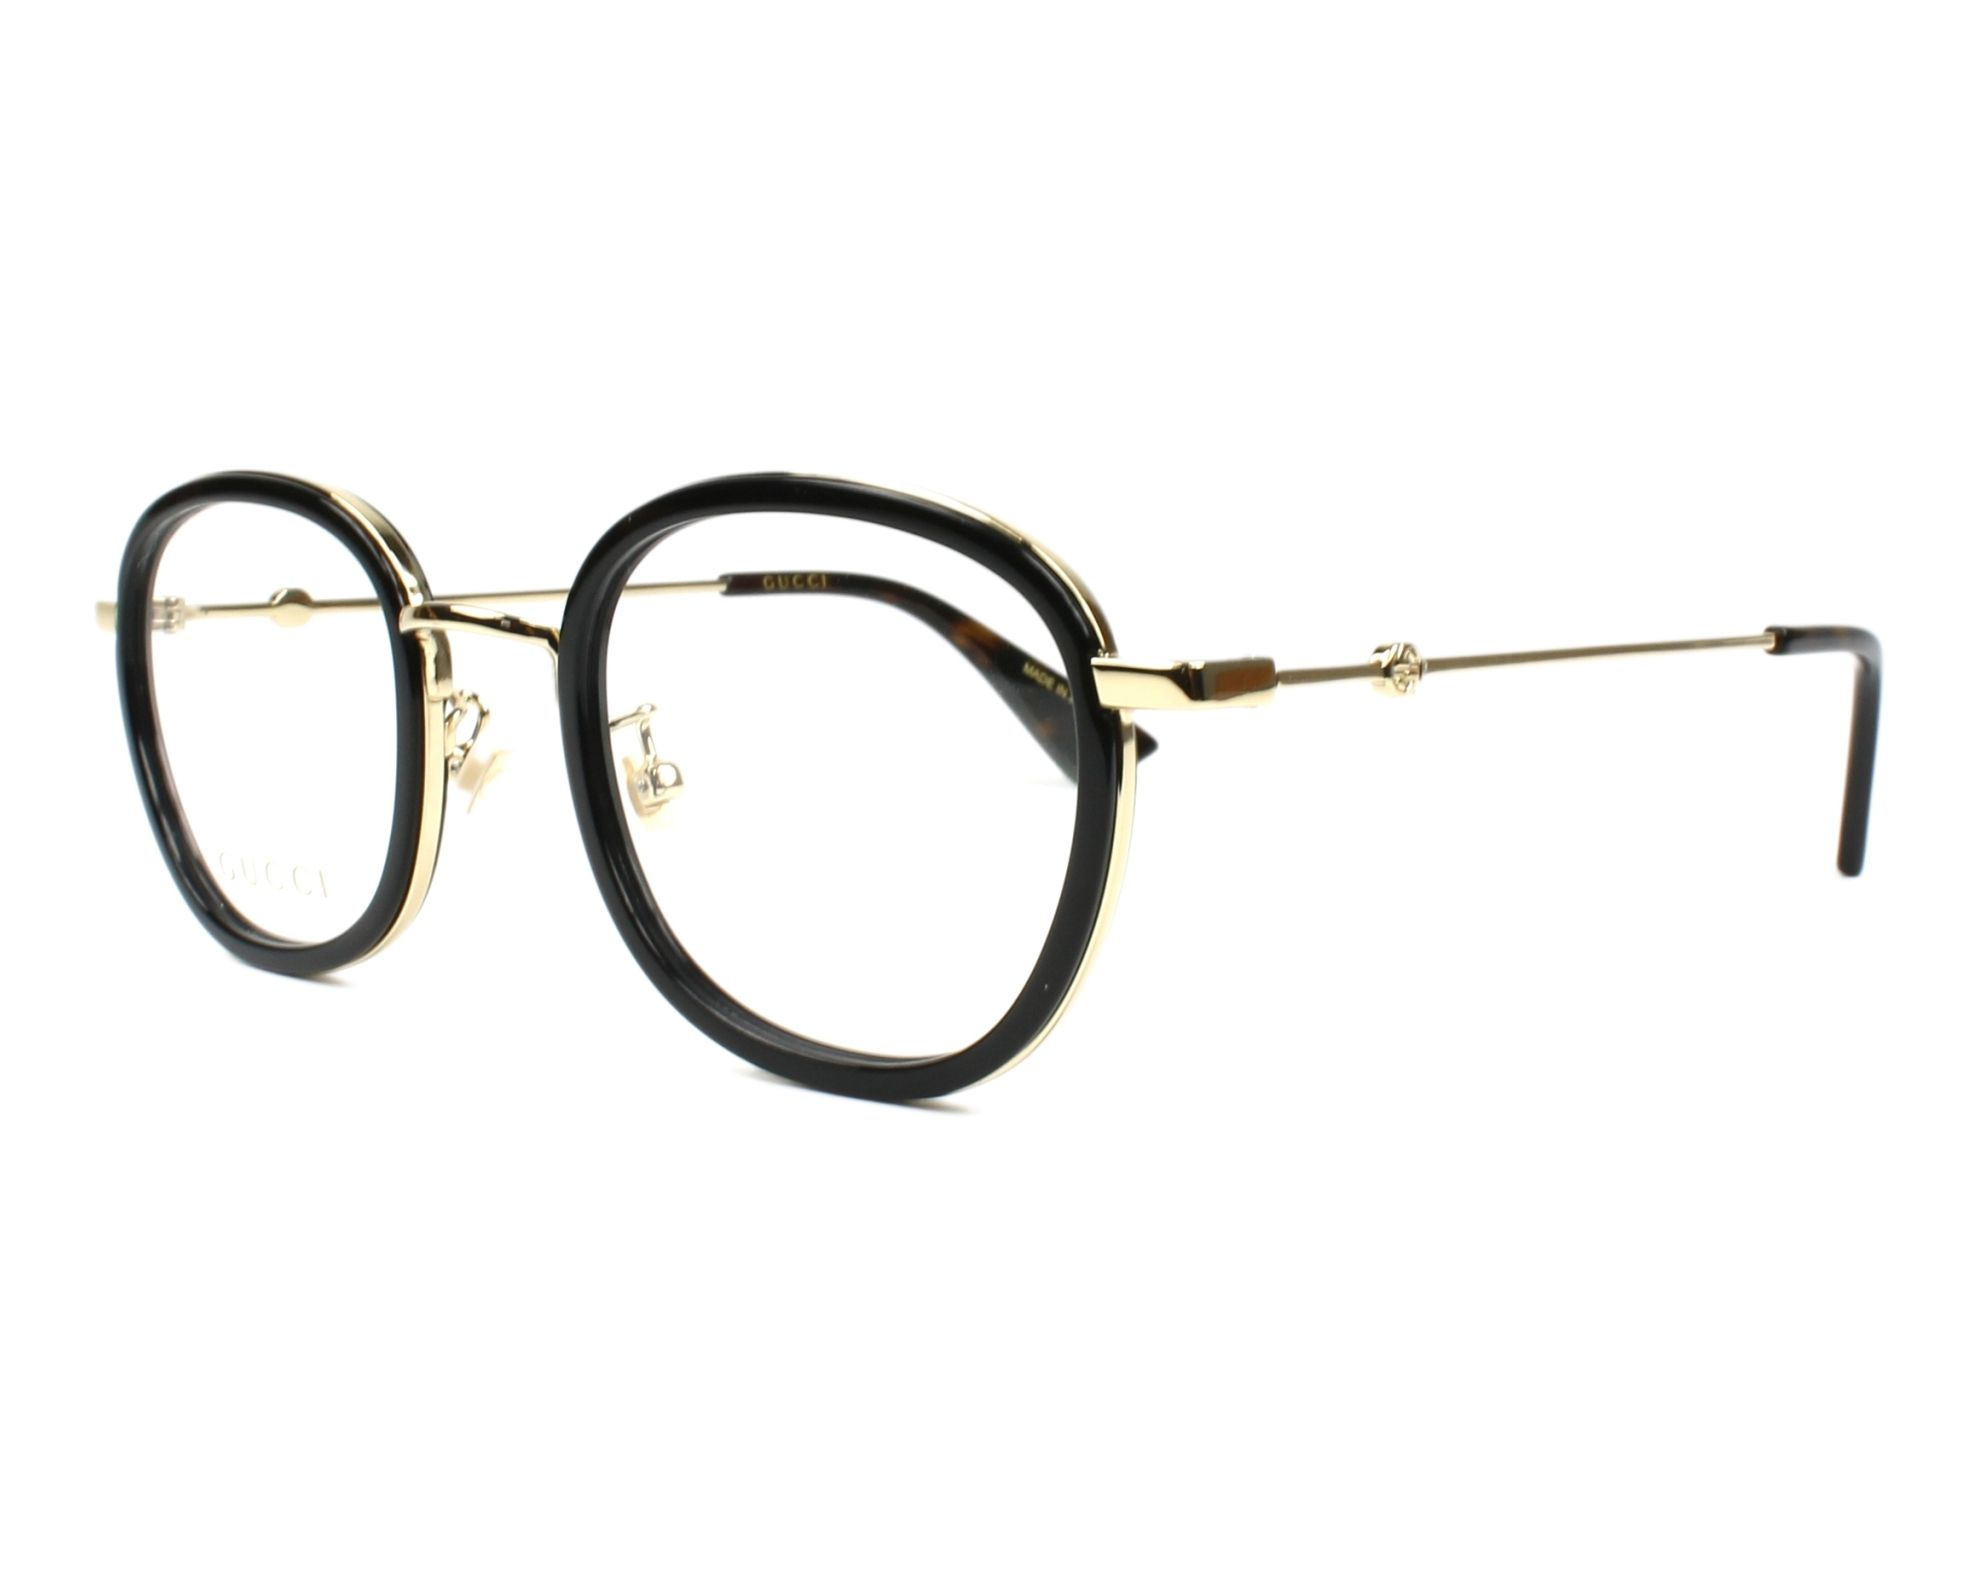 gucci glasses gg 0111 o 001